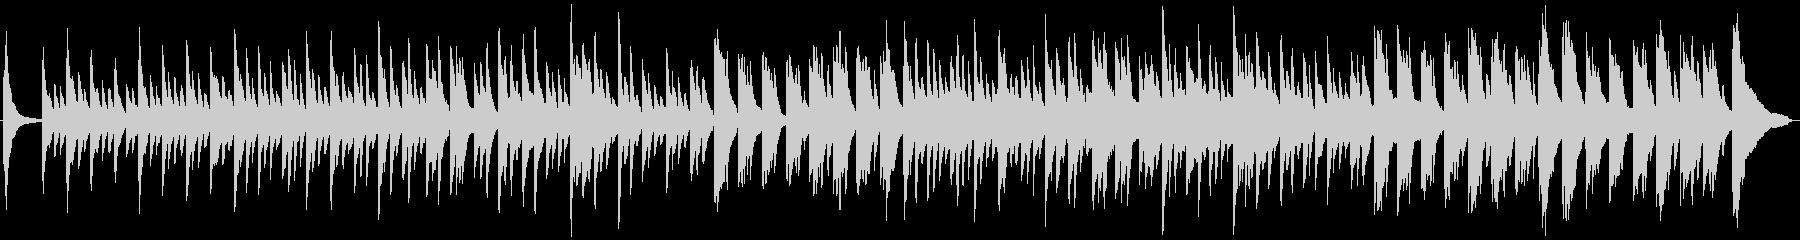 しっとりピアノのインテリアミュージックの未再生の波形